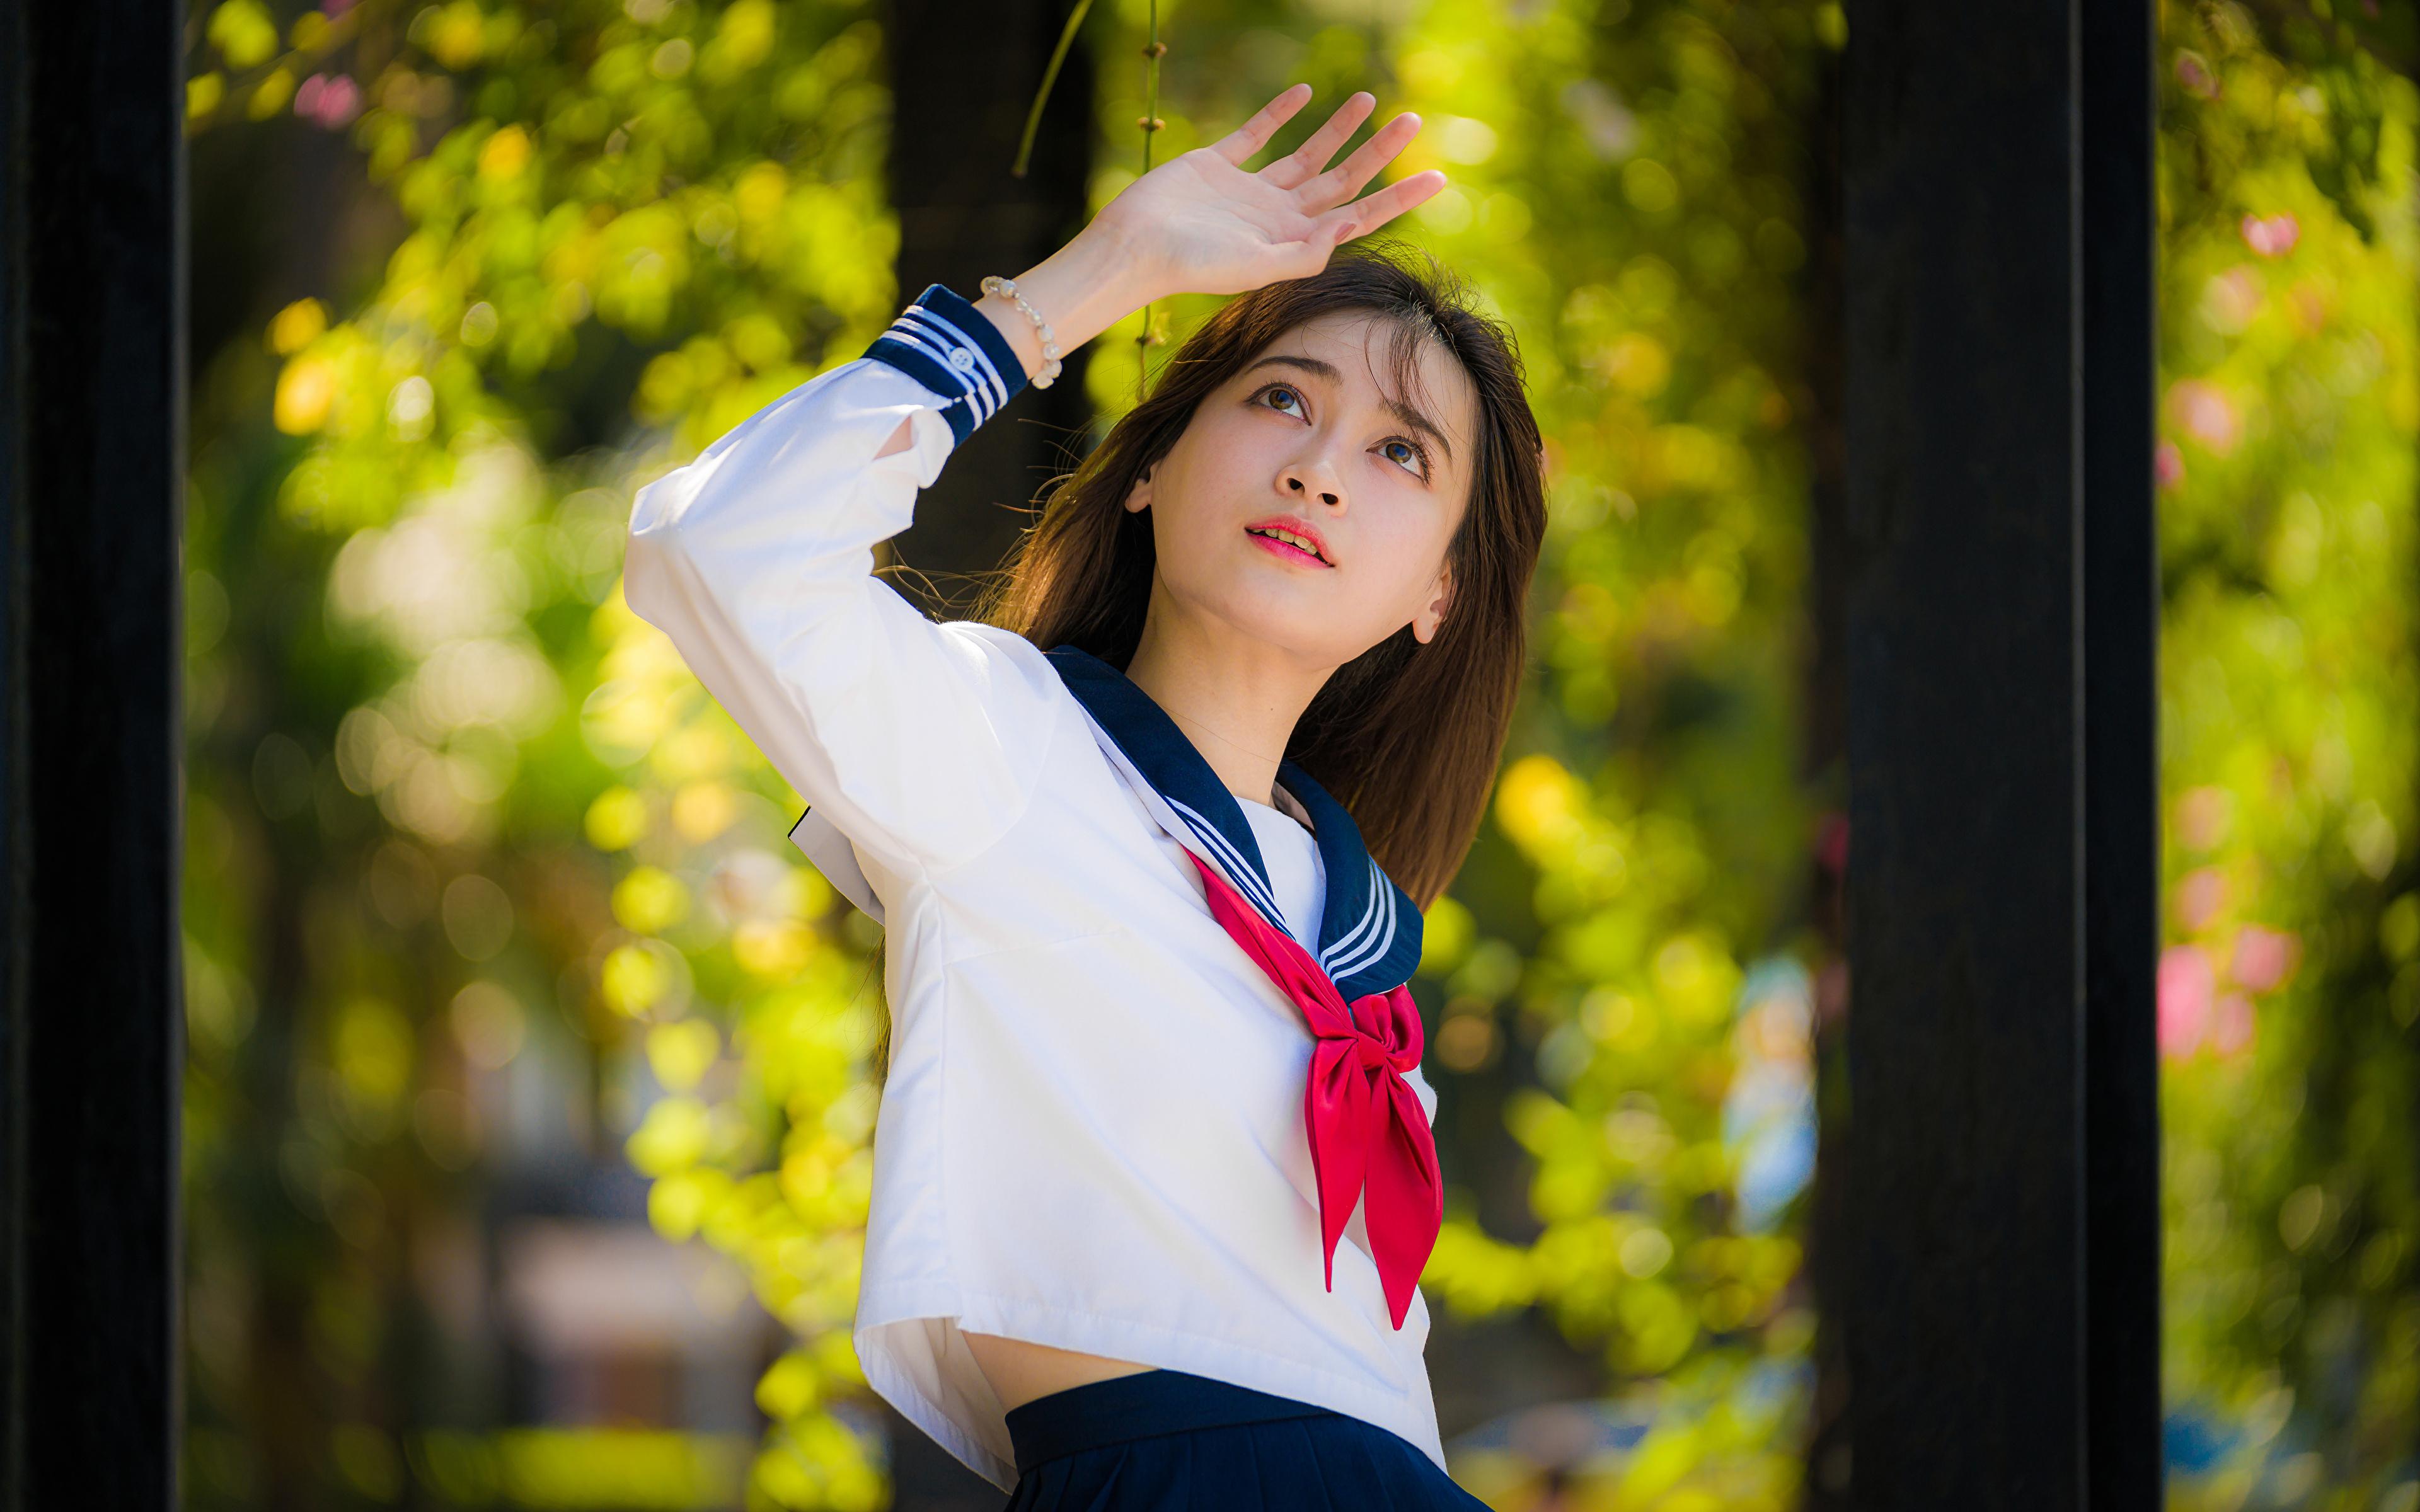 Foto Schulmädchen unscharfer Hintergrund posiert Bluse Krawatte junge frau asiatisches Hand 3840x2400 Schülerin Bokeh Pose Mädchens junge Frauen Asiaten Asiatische